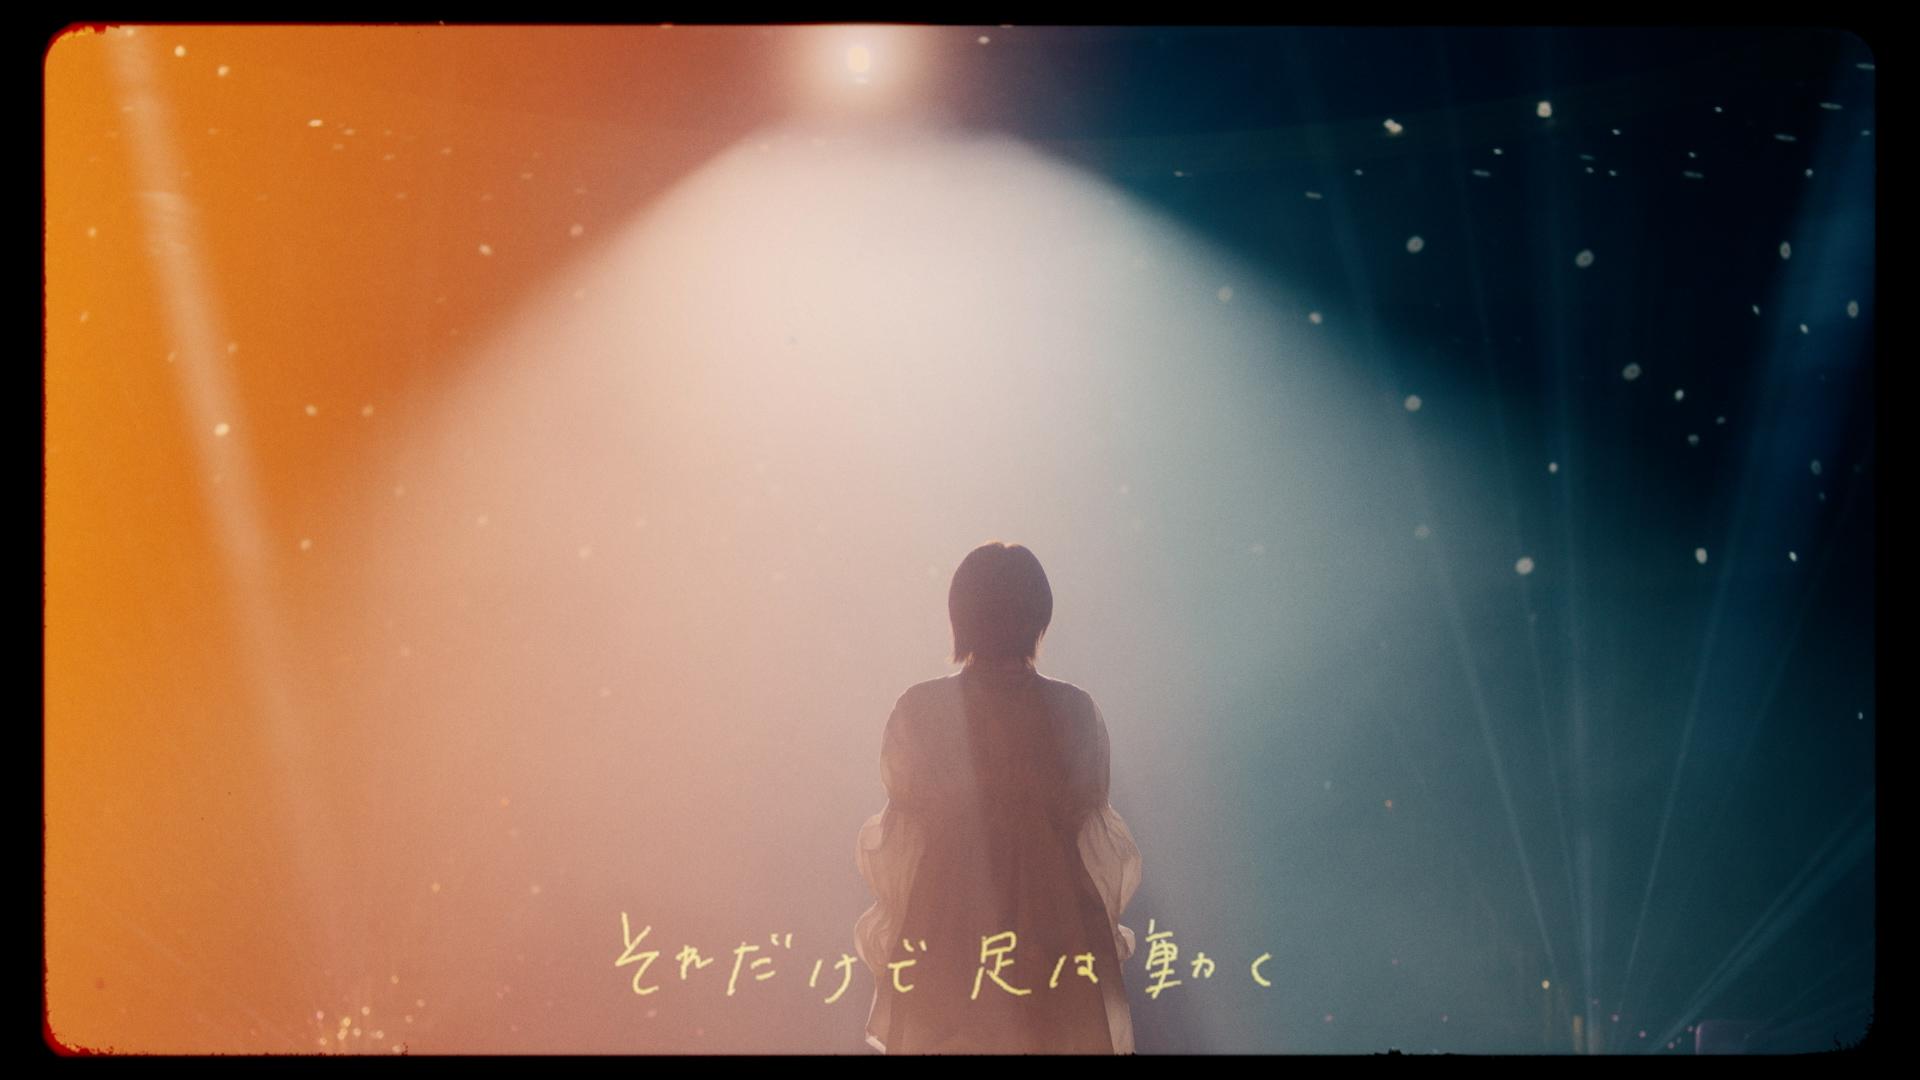 斉藤朱夏 『ワンピース』-Music Video-より